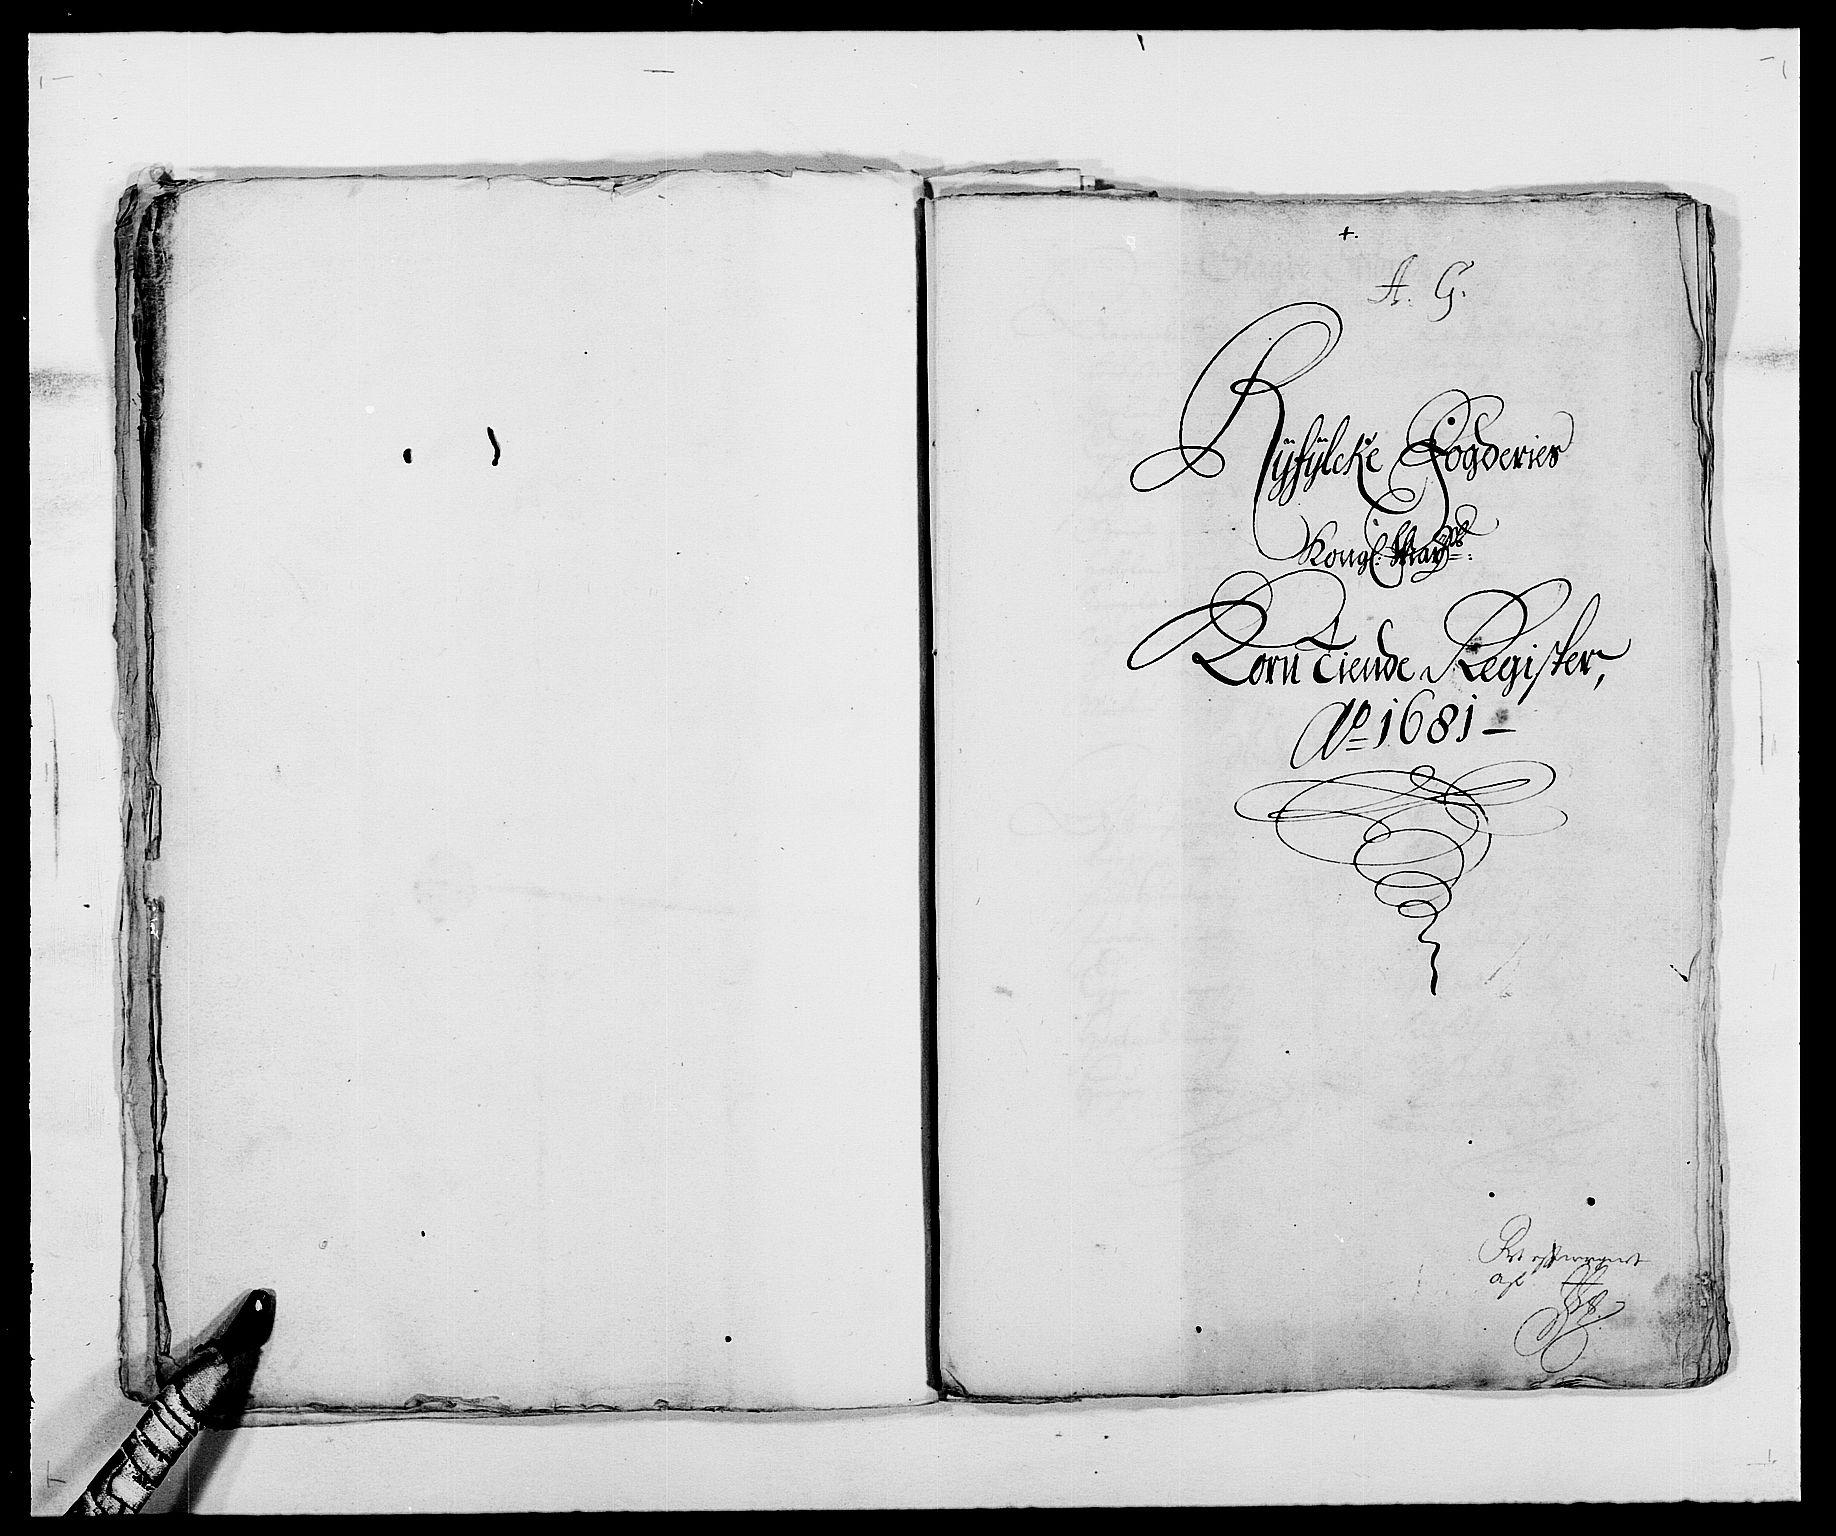 RA, Rentekammeret inntil 1814, Reviderte regnskaper, Fogderegnskap, R47/L2852: Fogderegnskap Ryfylke, 1681, s. 129